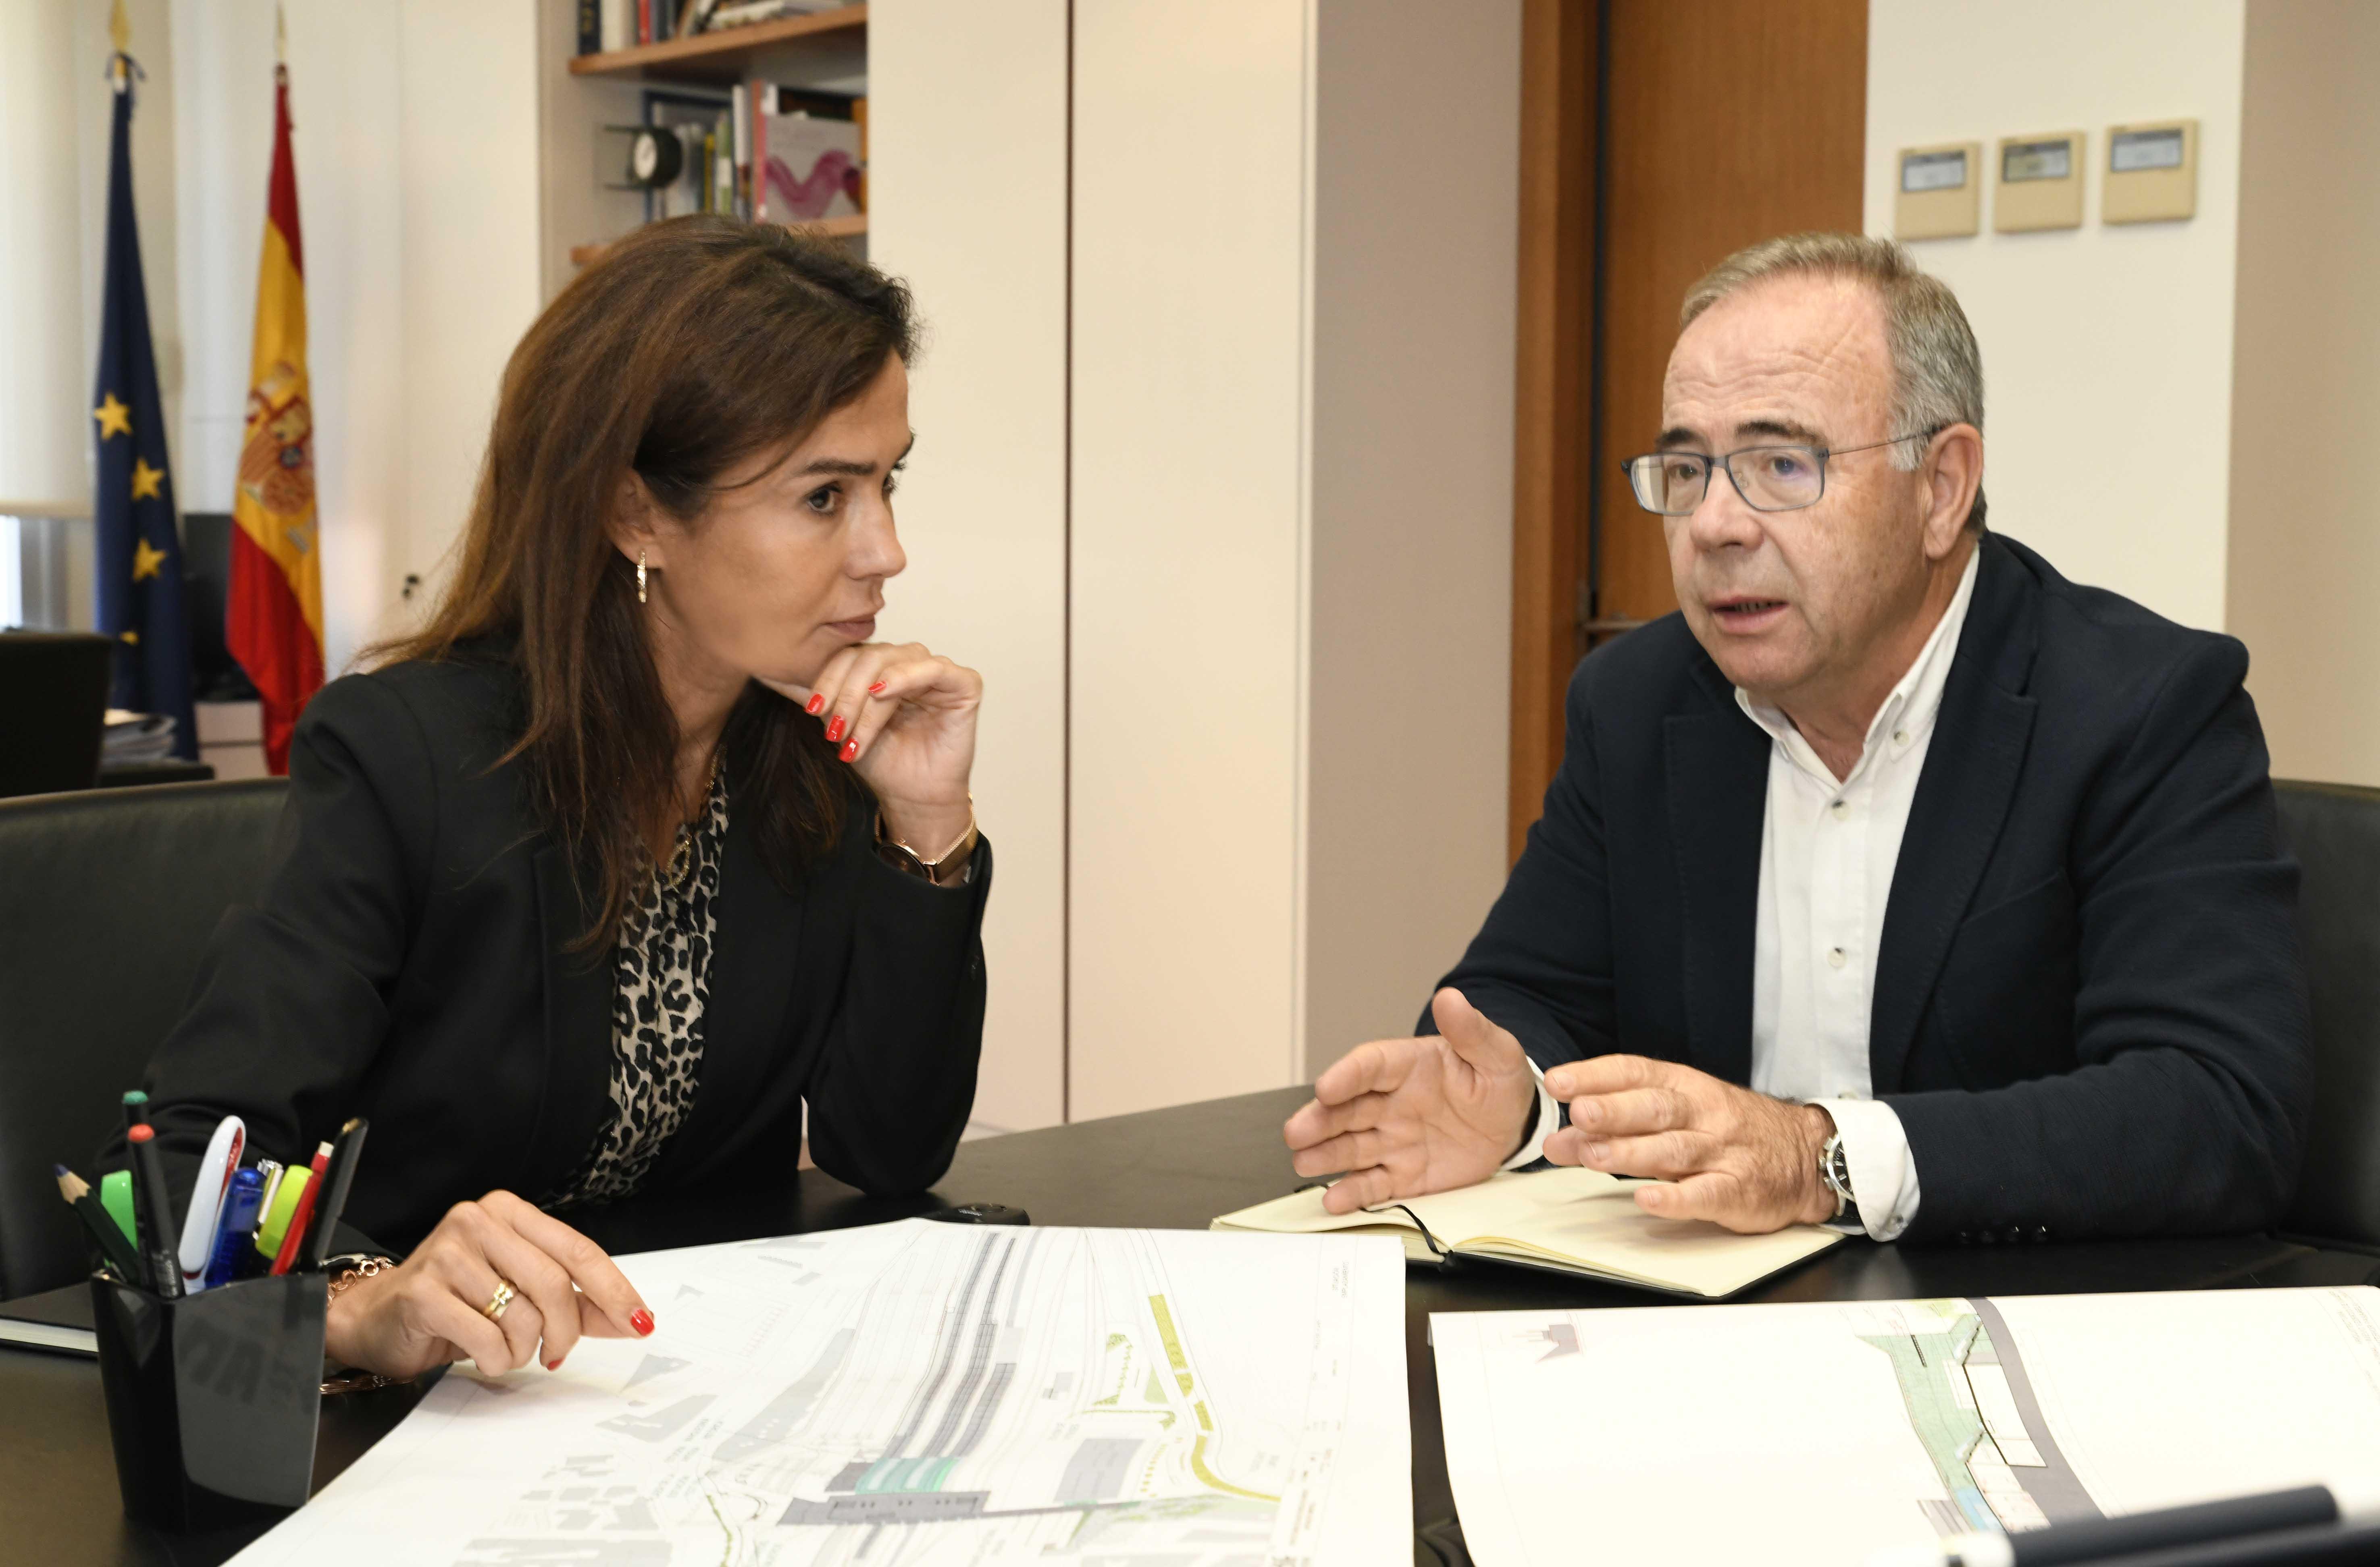 Isabel Pardo de Vera e Xosé Sánchez Bugallo durante o encontro.